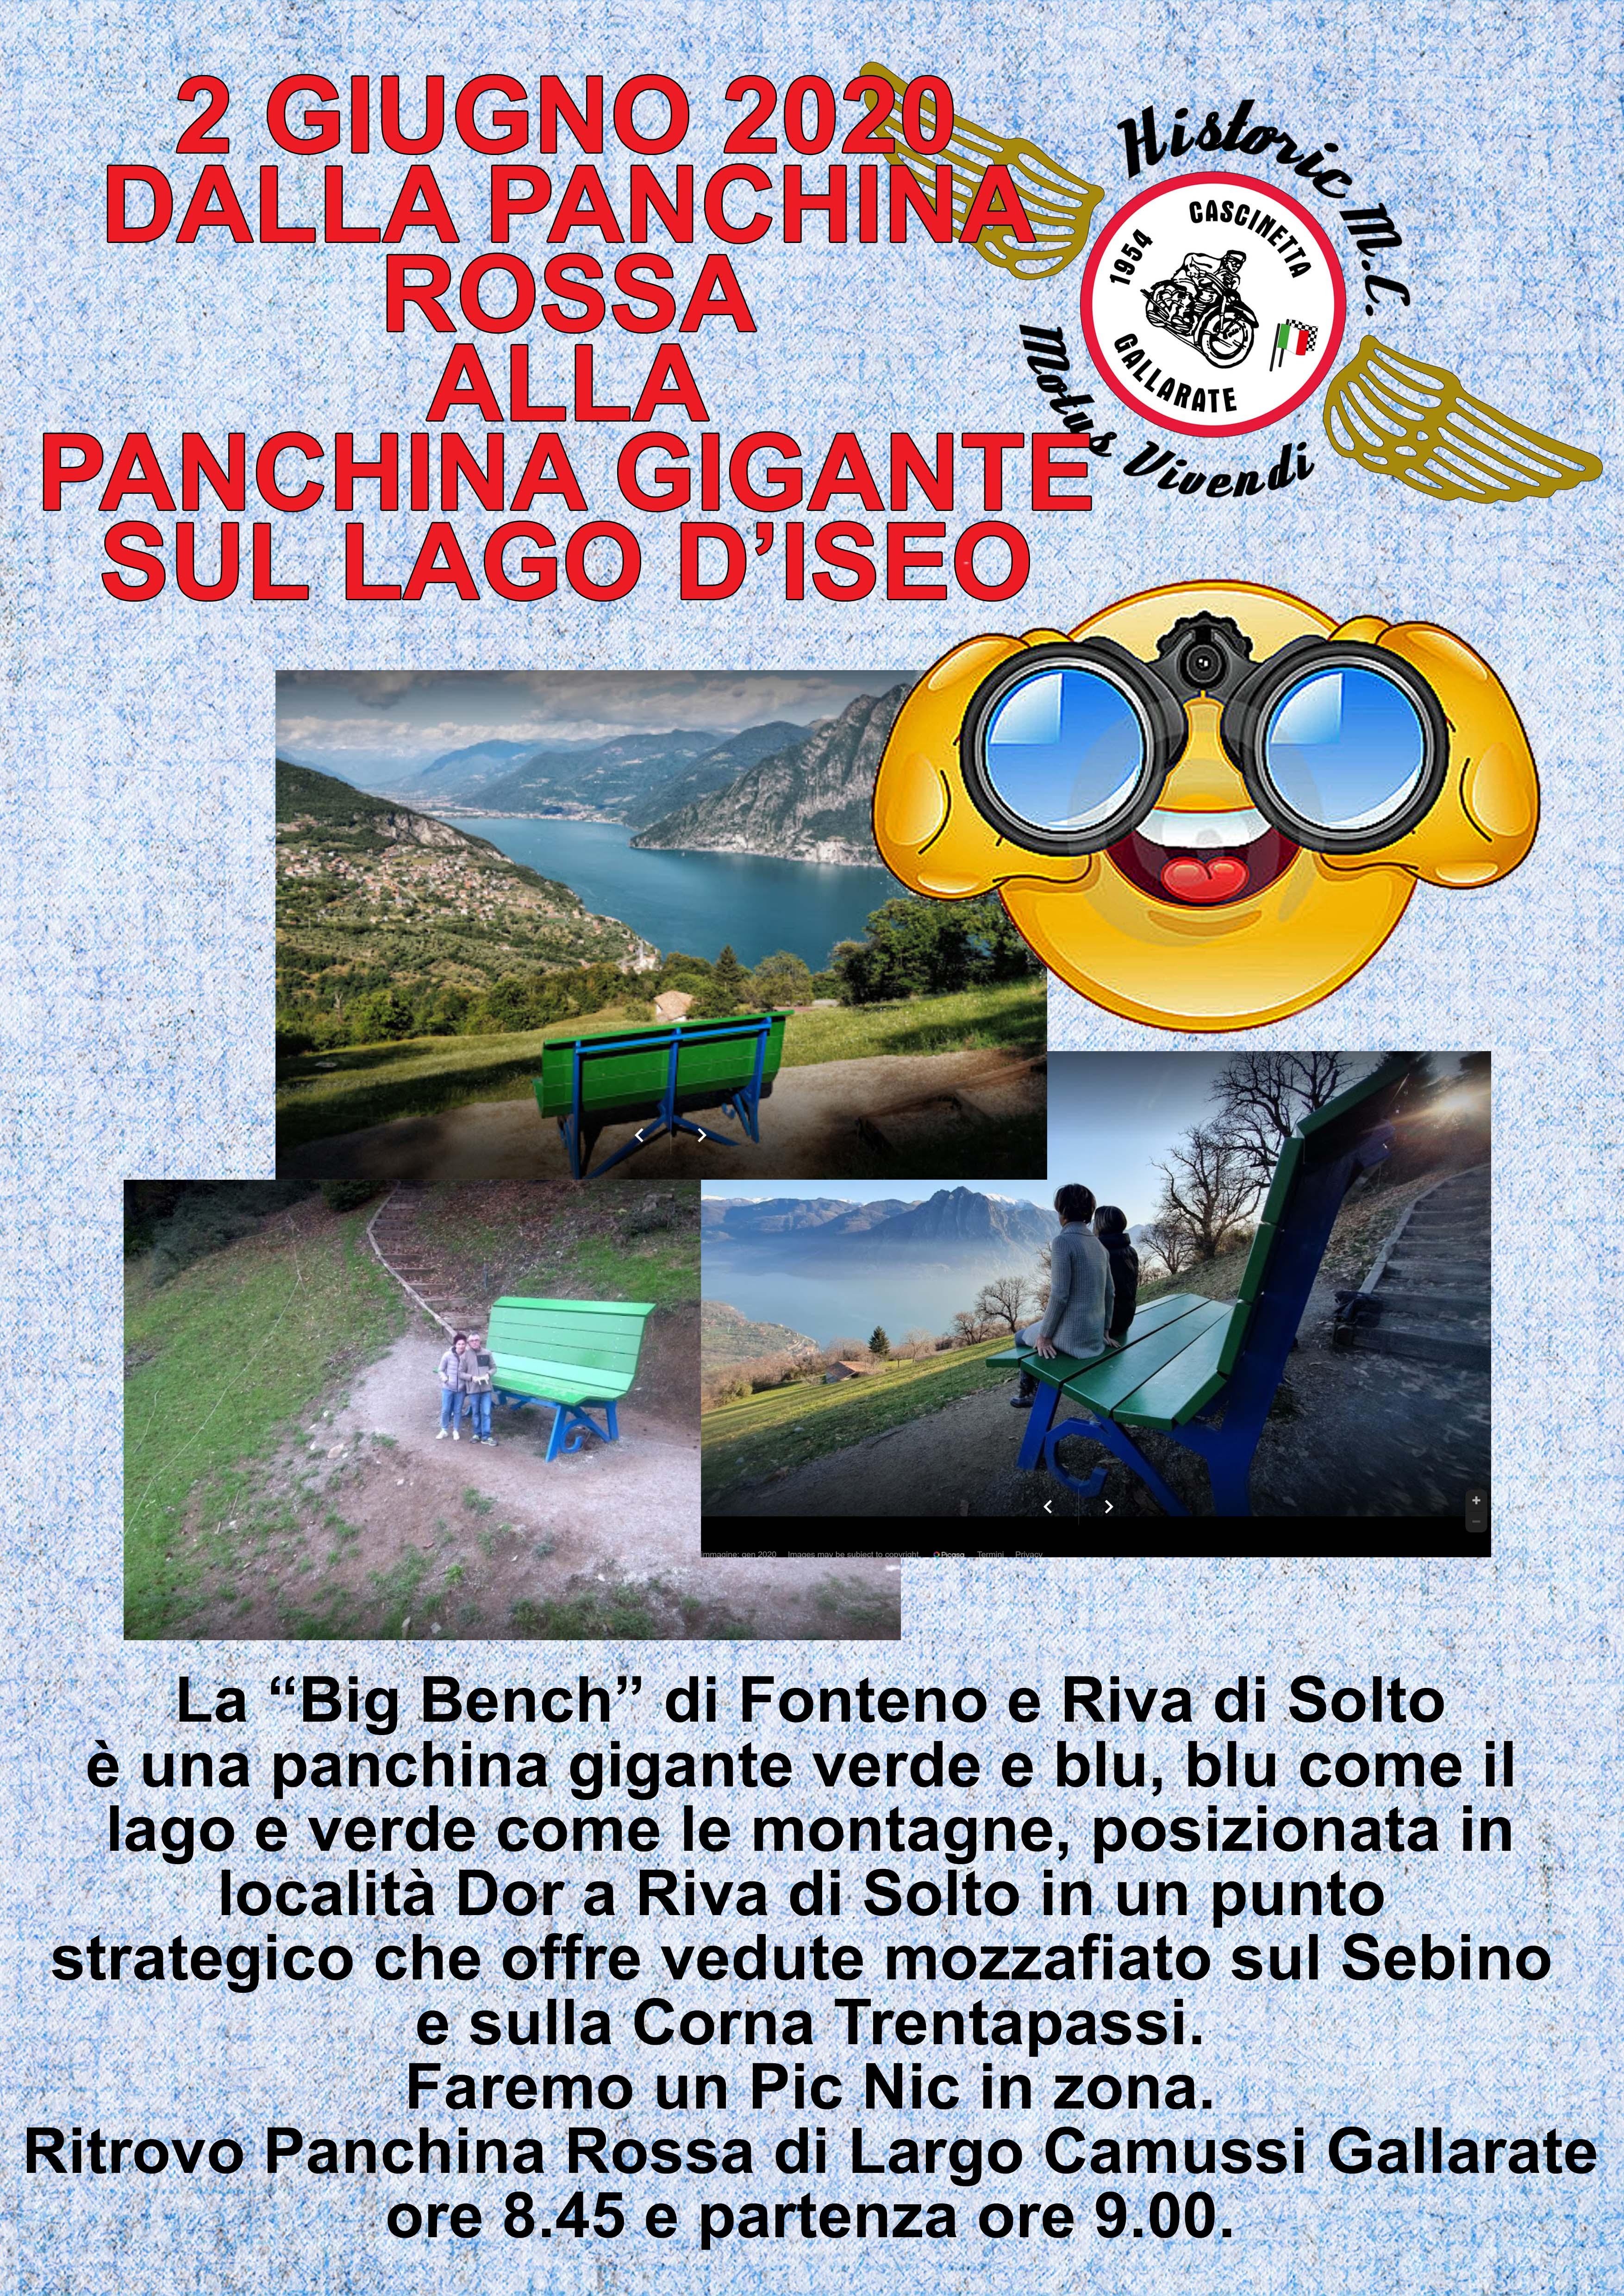 2020-06-02-Dalla-Panchina-Rossa-alla-Panchina-Gigante